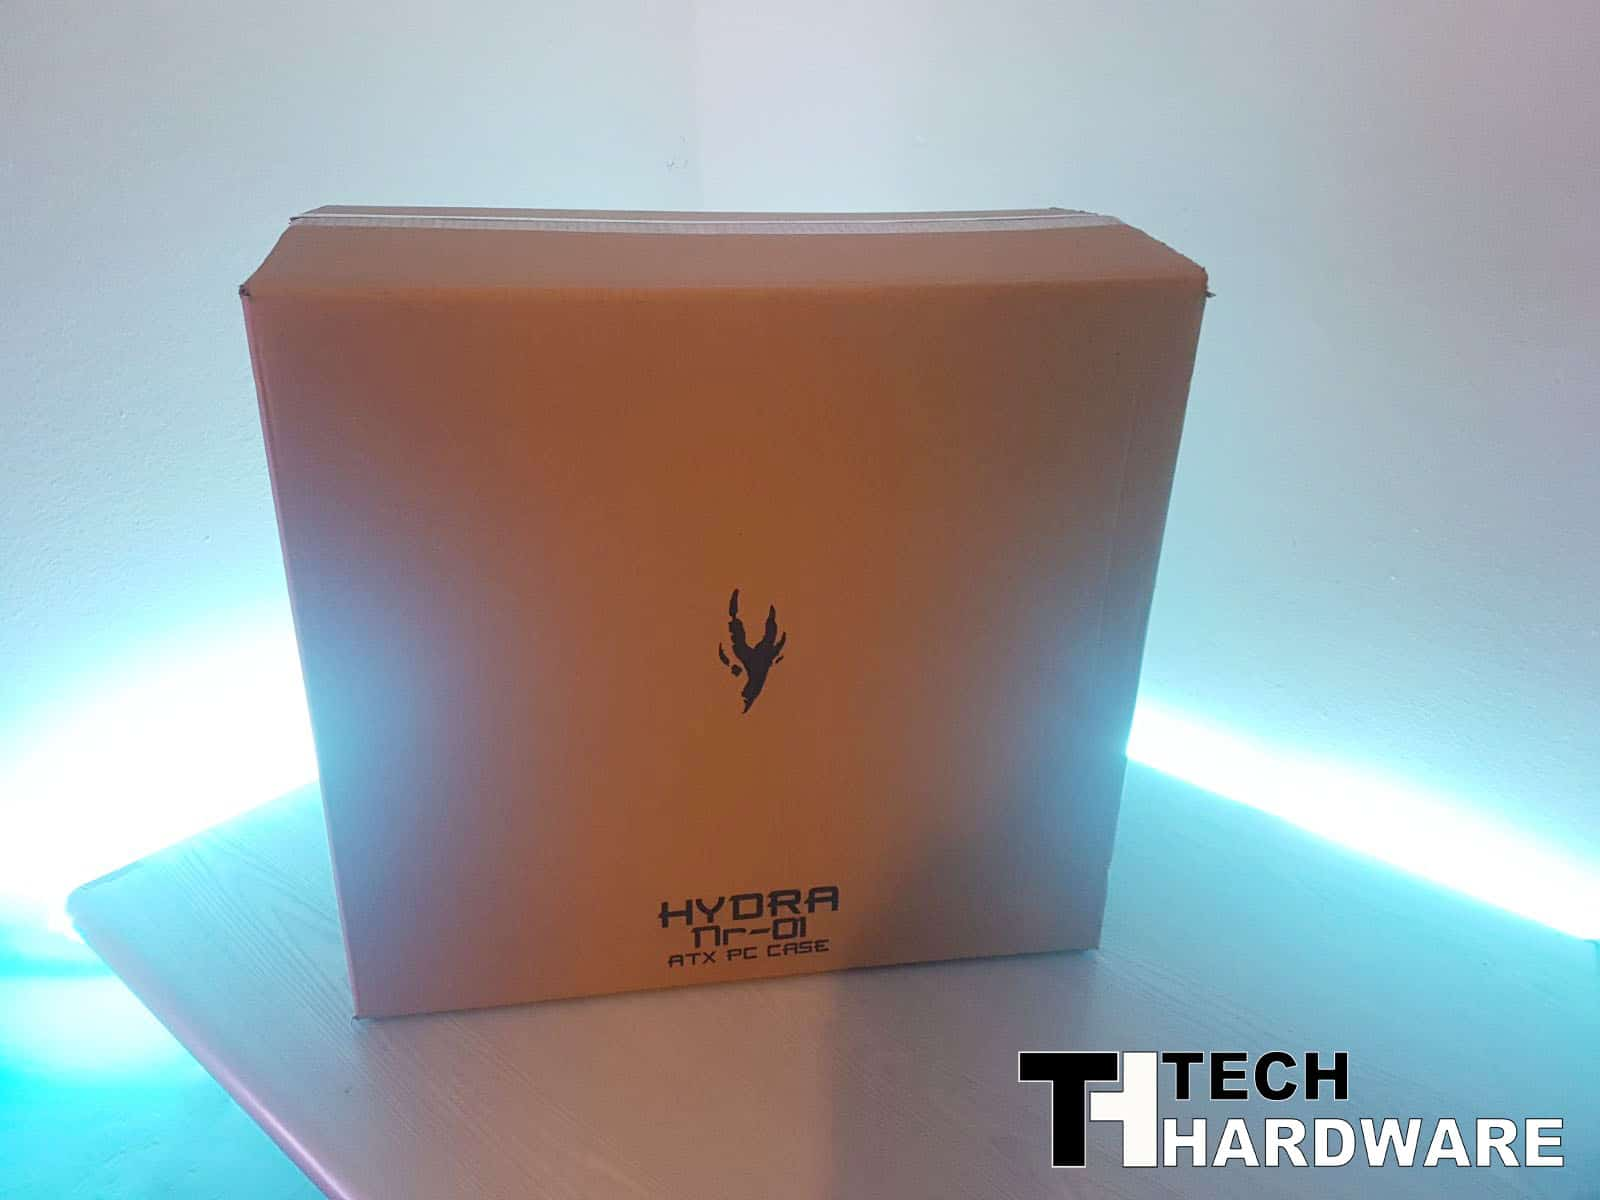 Recensione Hydra NR-01